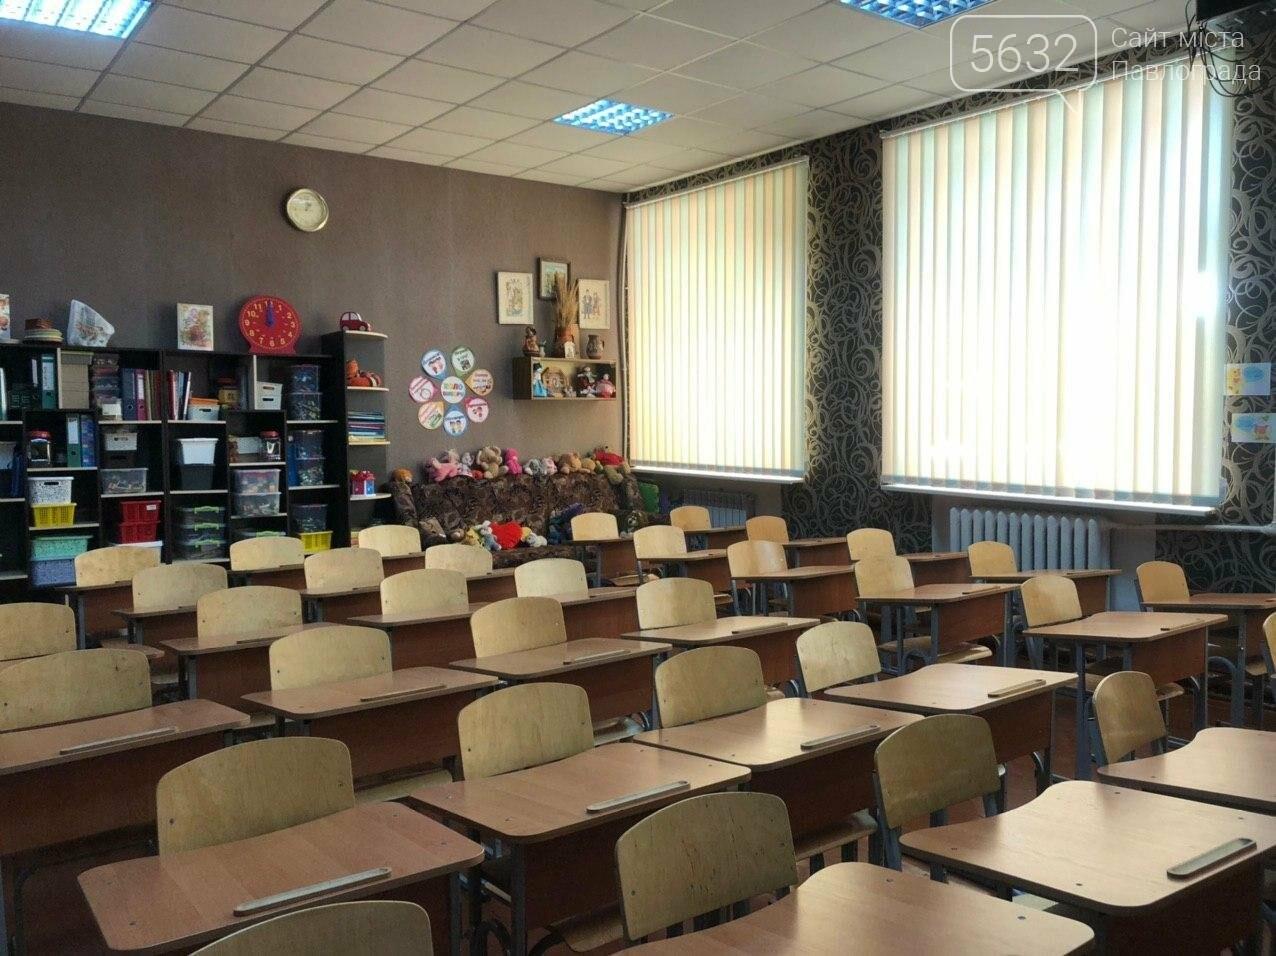 Санитайзеры и медицинские маски: как школы Павлограда готовятся к новому учебному году (ФОТО), фото-27